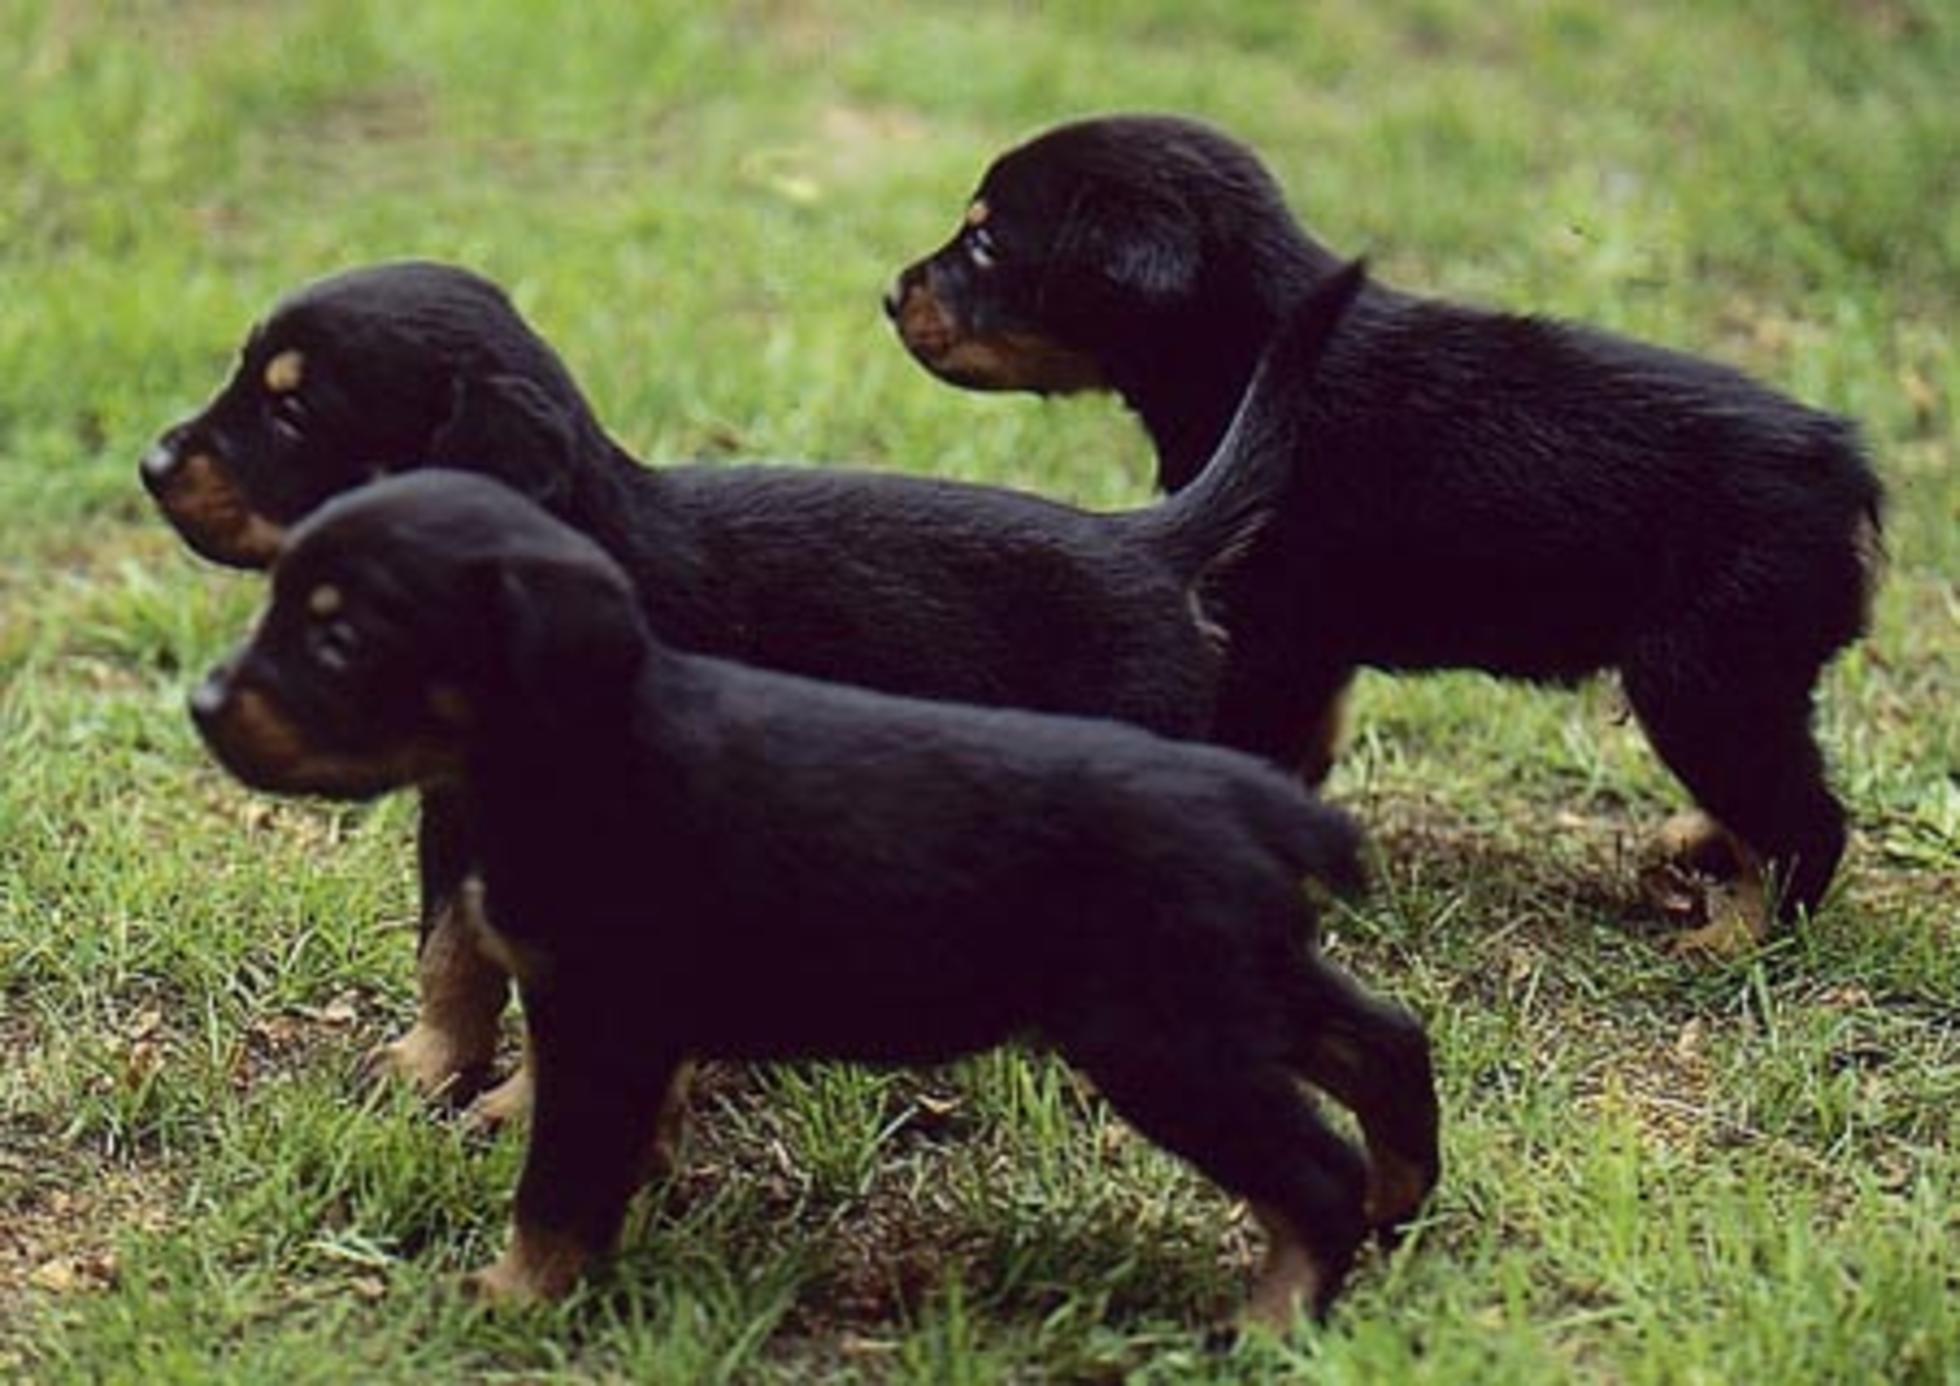 Schweizerischer Niederlaufhund Puppies: Schweizerischer Smalandsstovare Puppies Breed